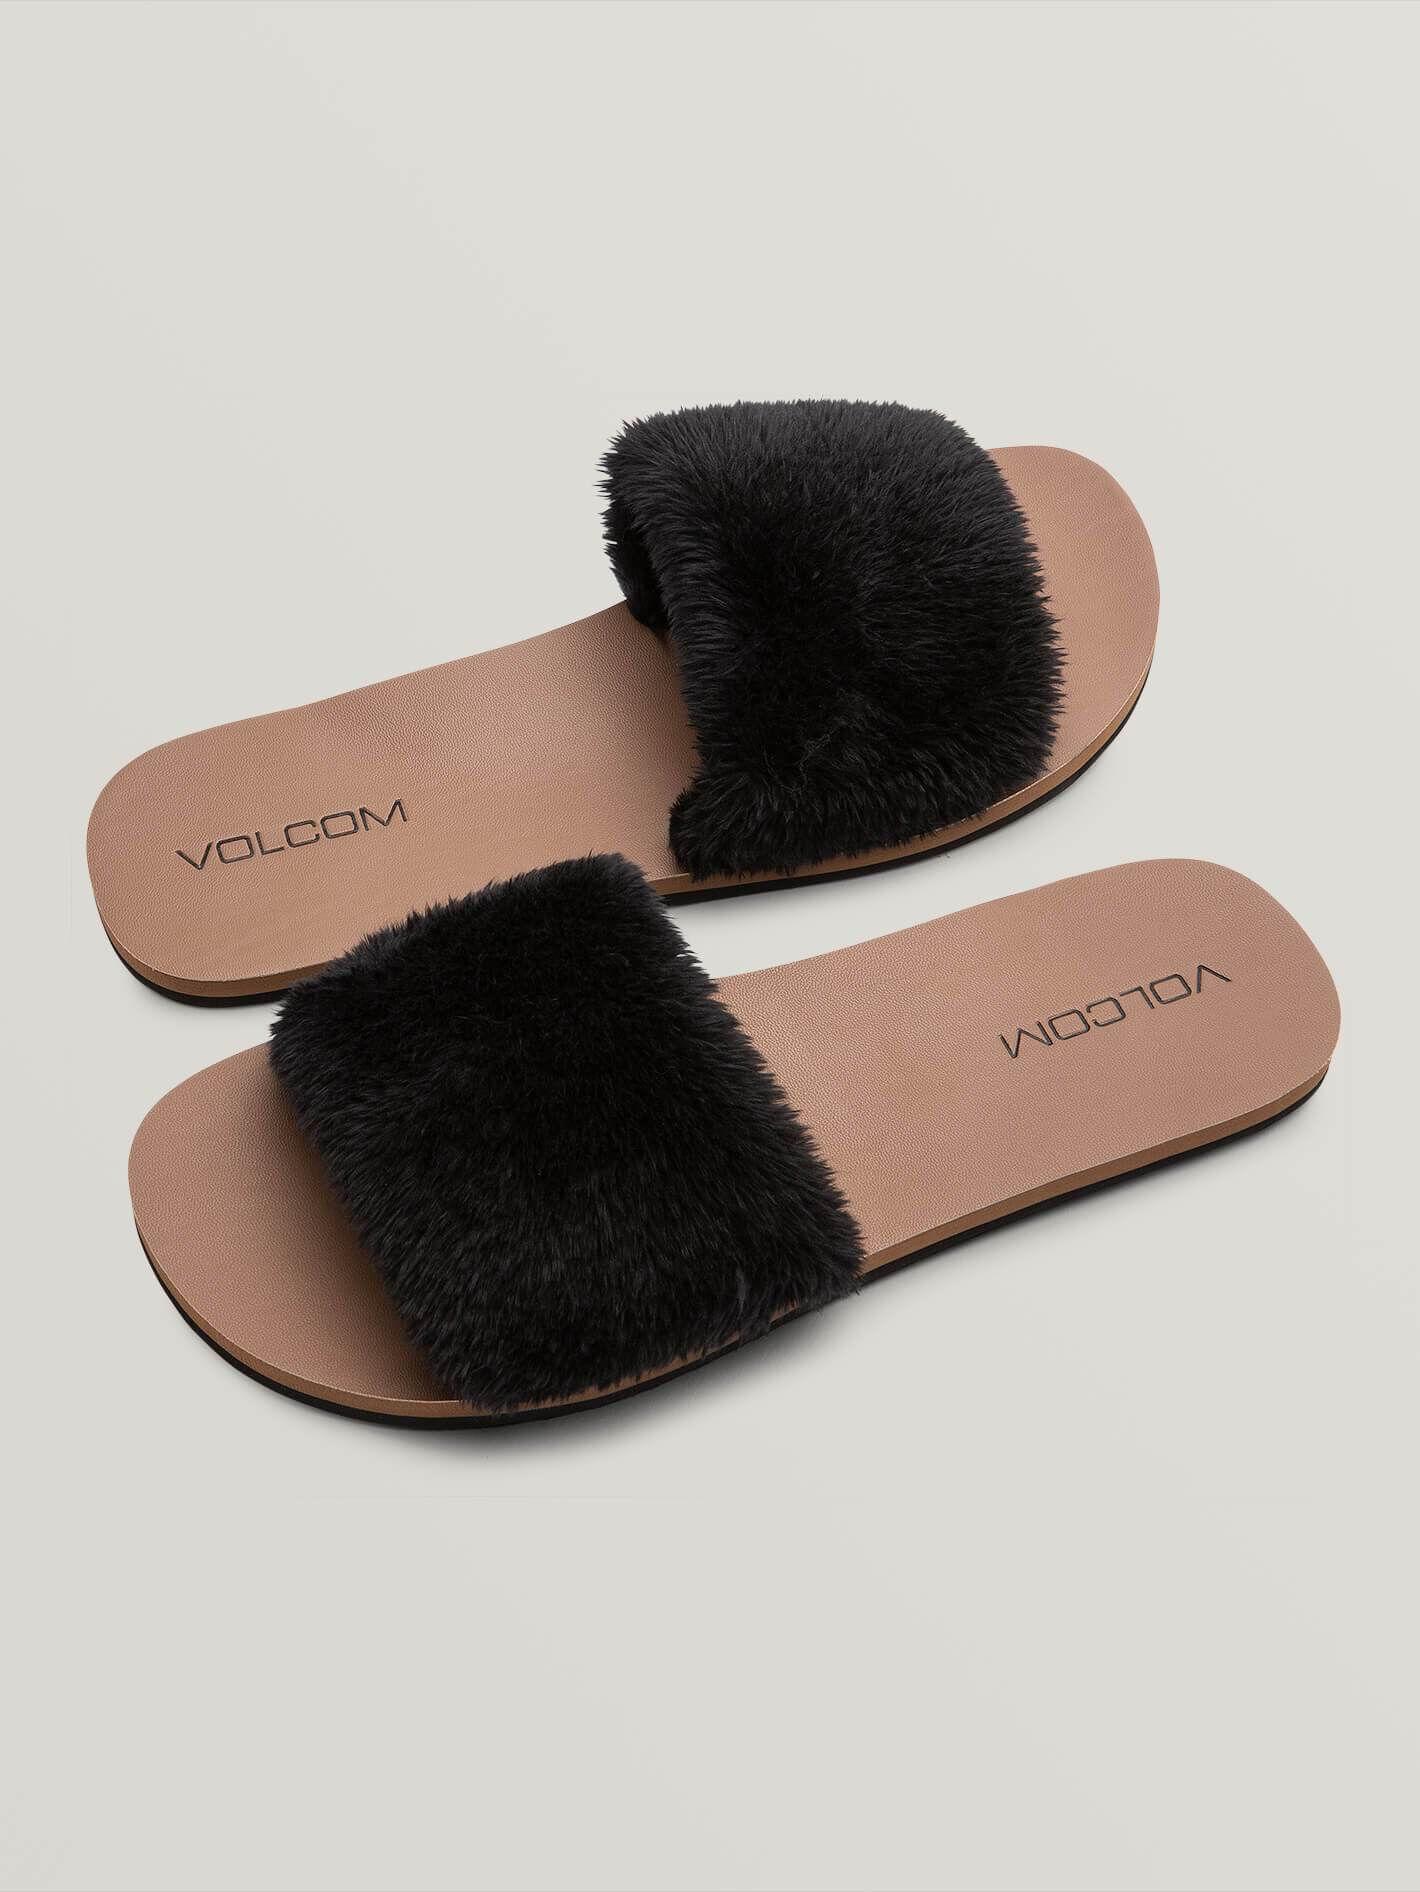 volcom Sandales Volcom For Shear Black Femme